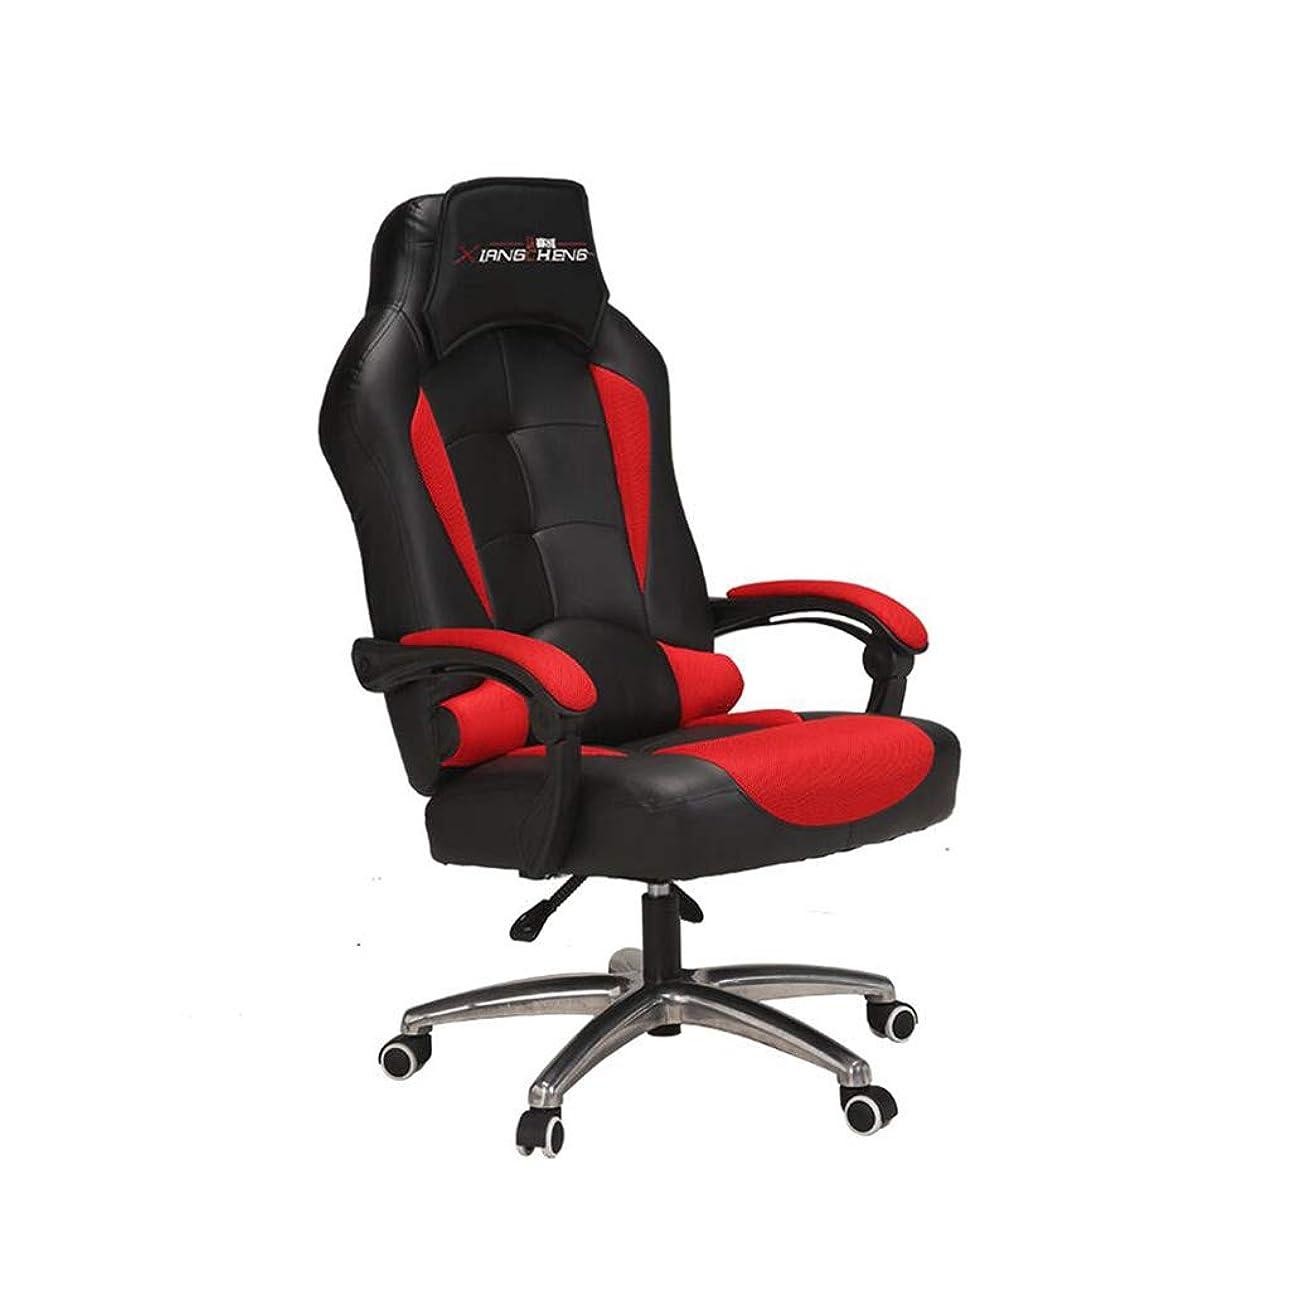 熱心なくつろぎ留まるコンピュータチェアゲームチェアレーシングシート人間工学に基づいたコンピュータチェアオフィスチェアパッド付きクッション調節可能なヘッドレスト (Color : Gray/red)